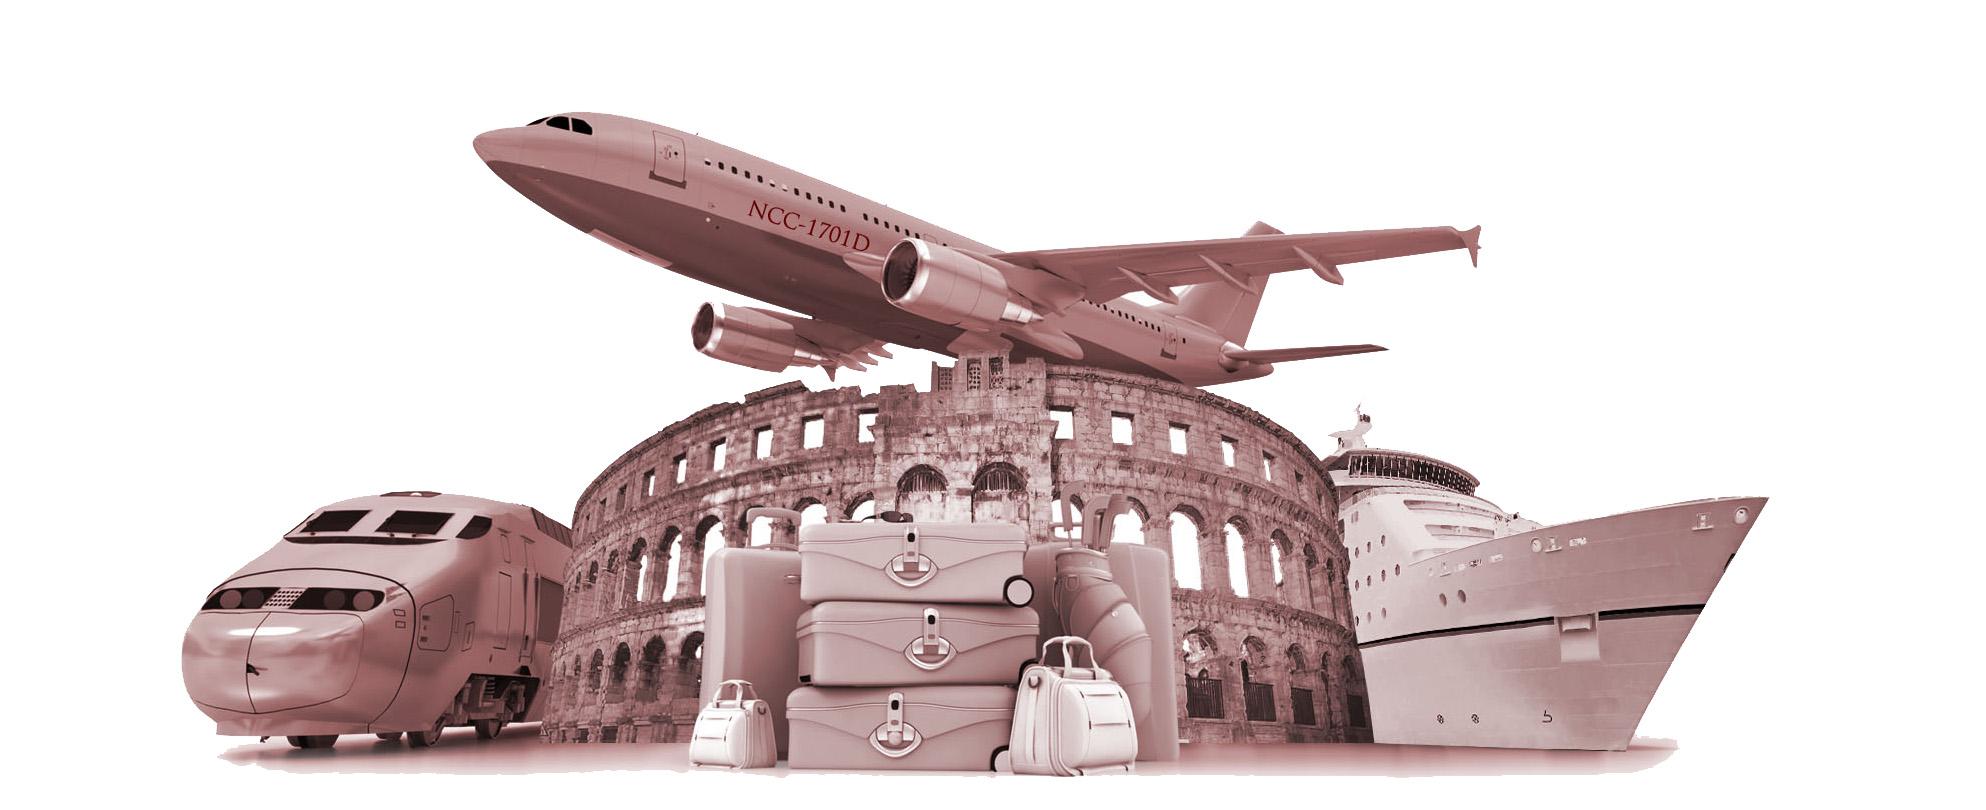 Deposito bagagli Barcellona Sants